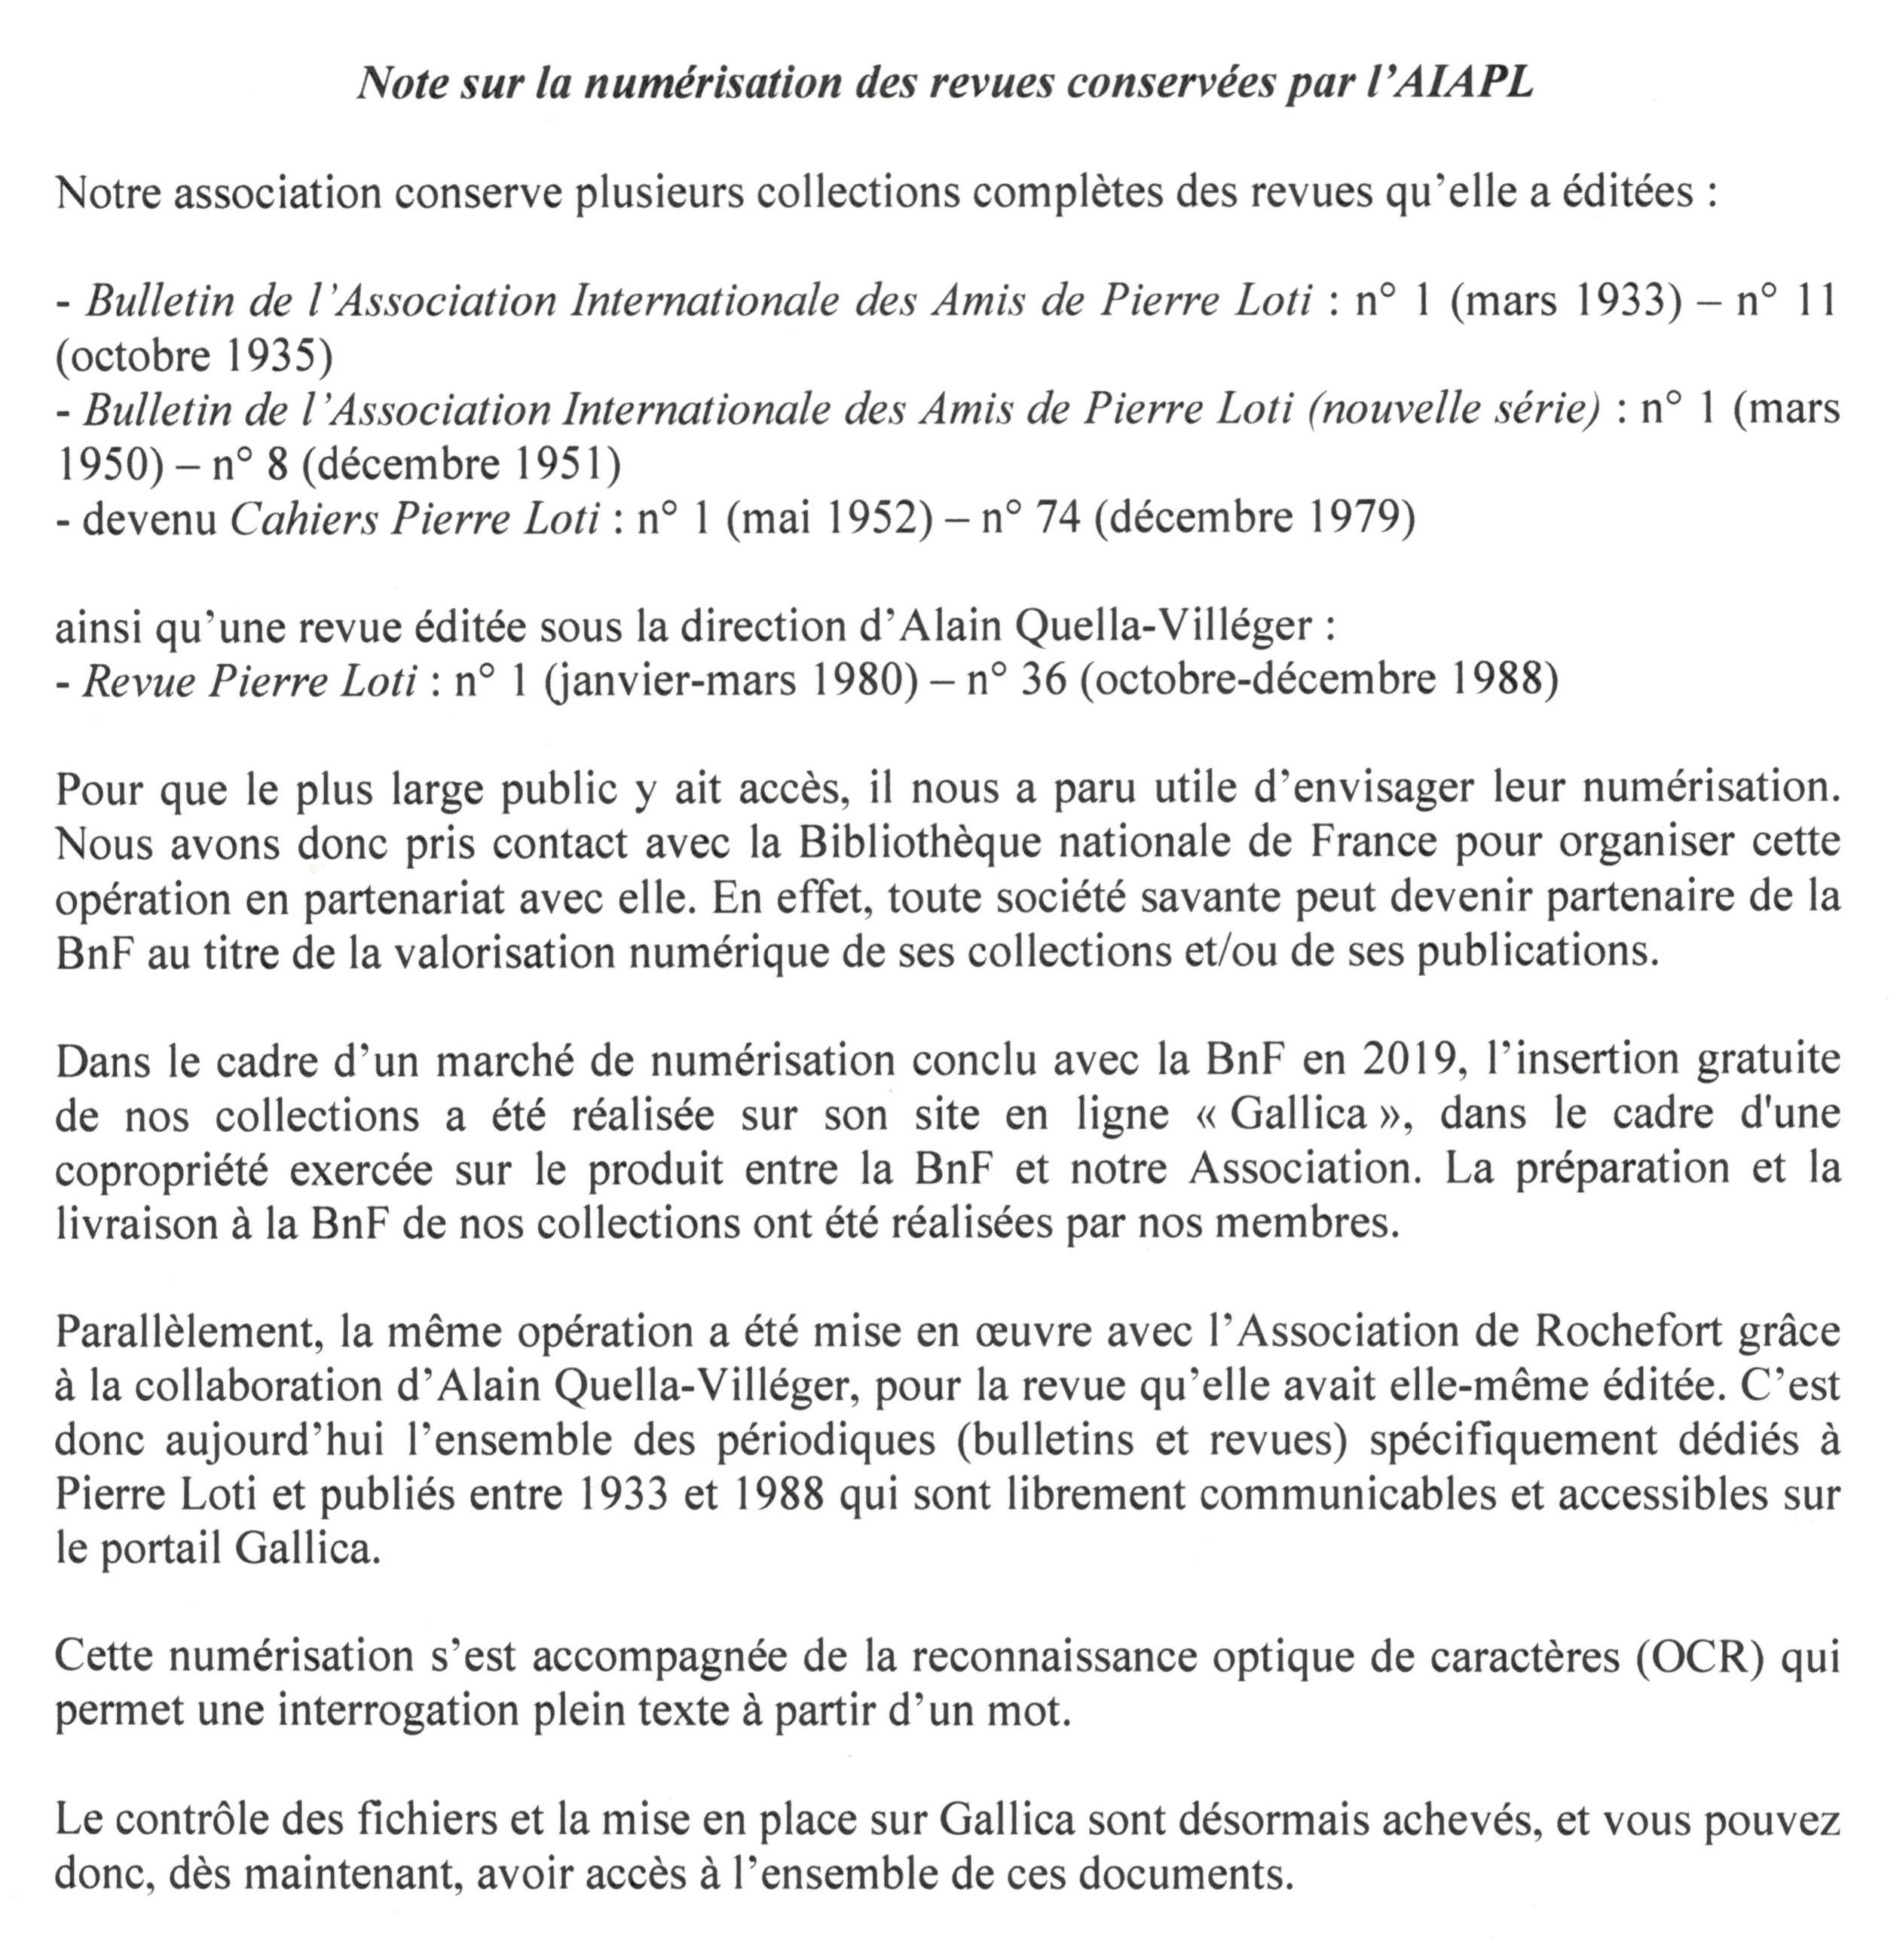 Numerisation revues AIAPL avec BnF